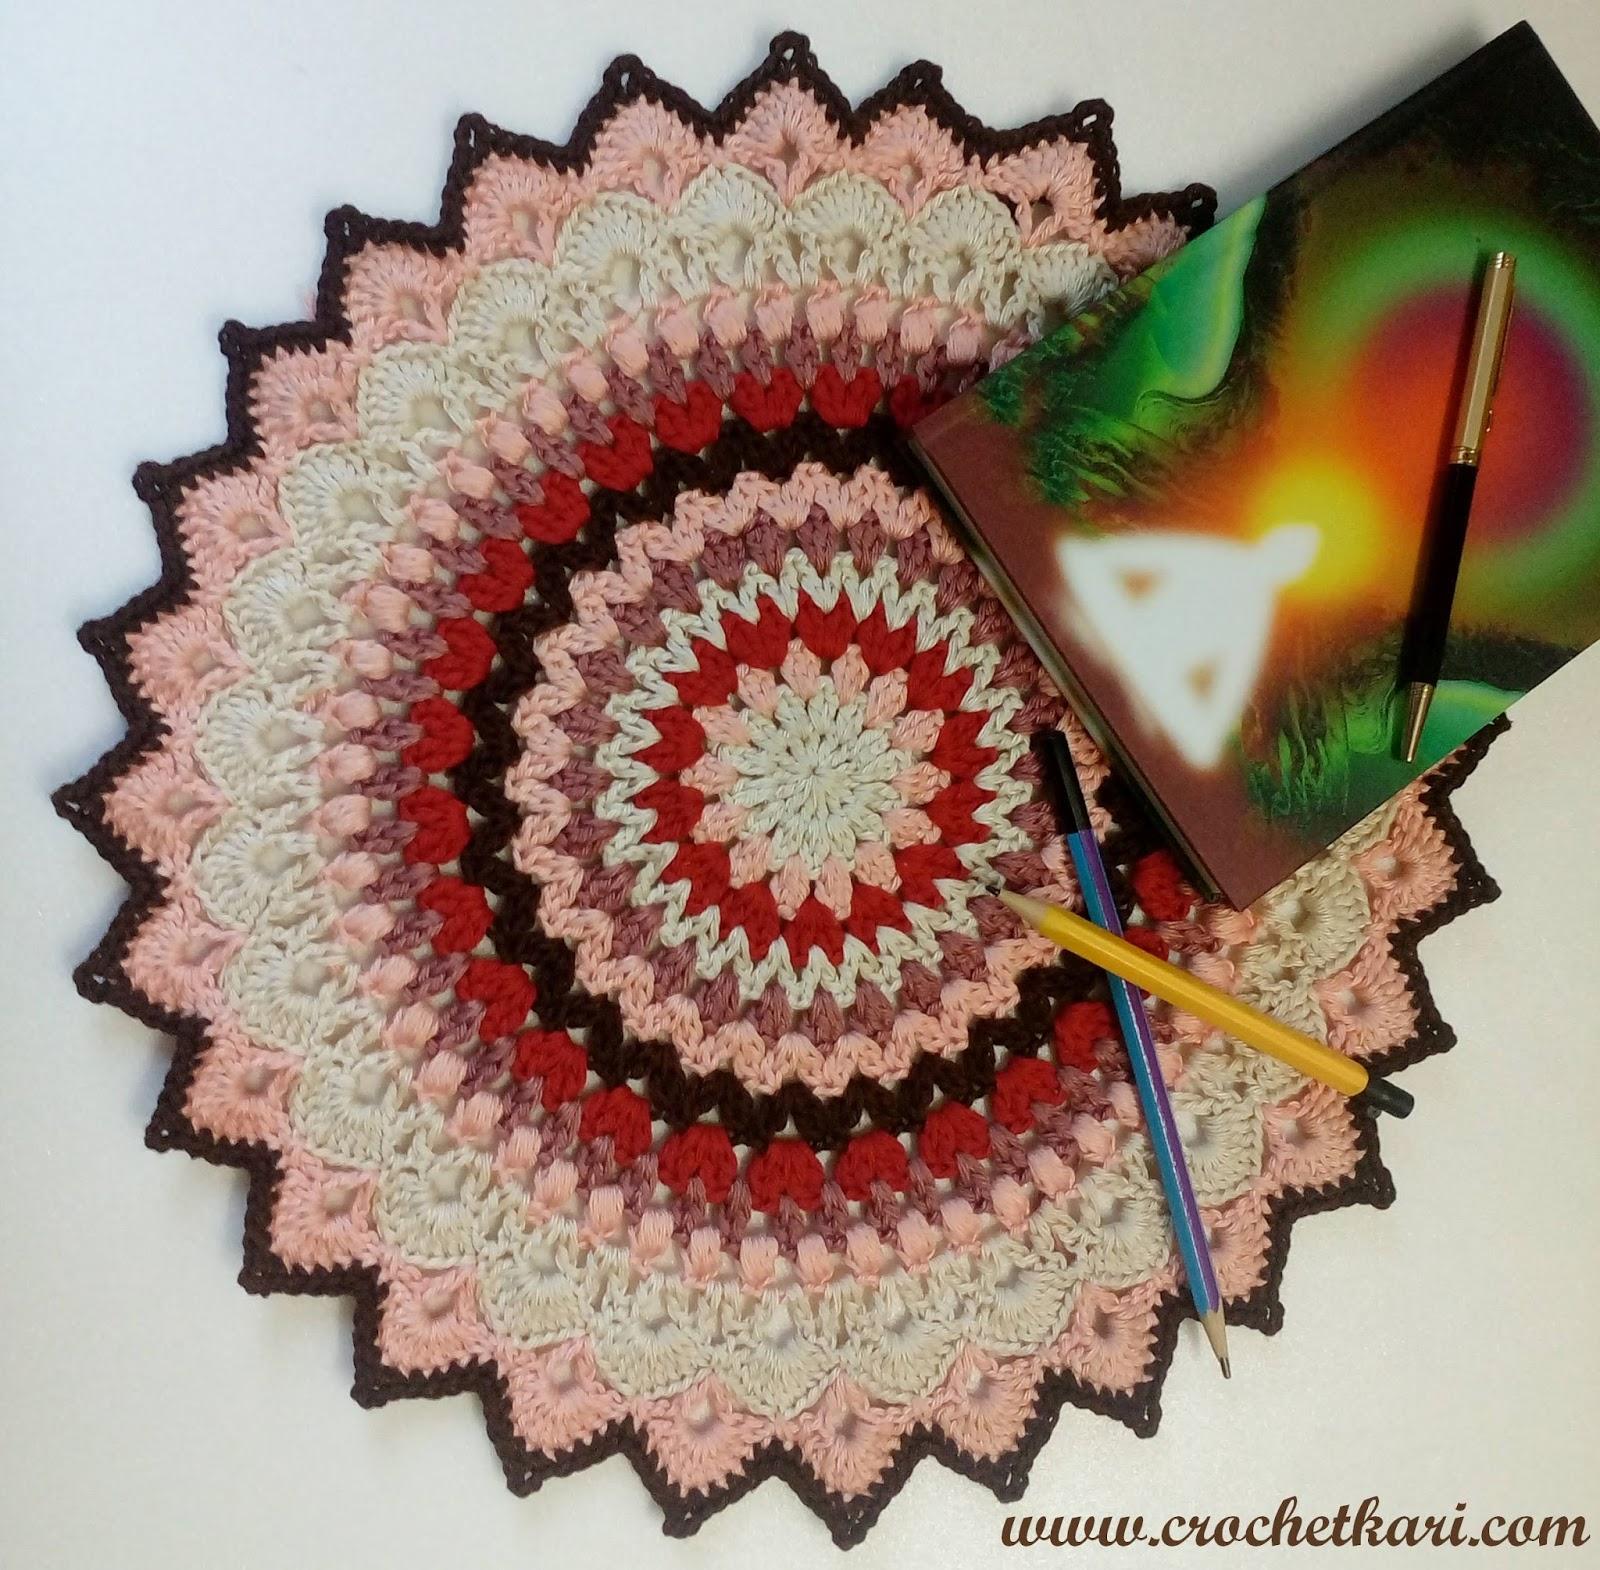 Crochetkari: Mandala mania 1 - Peachy brown